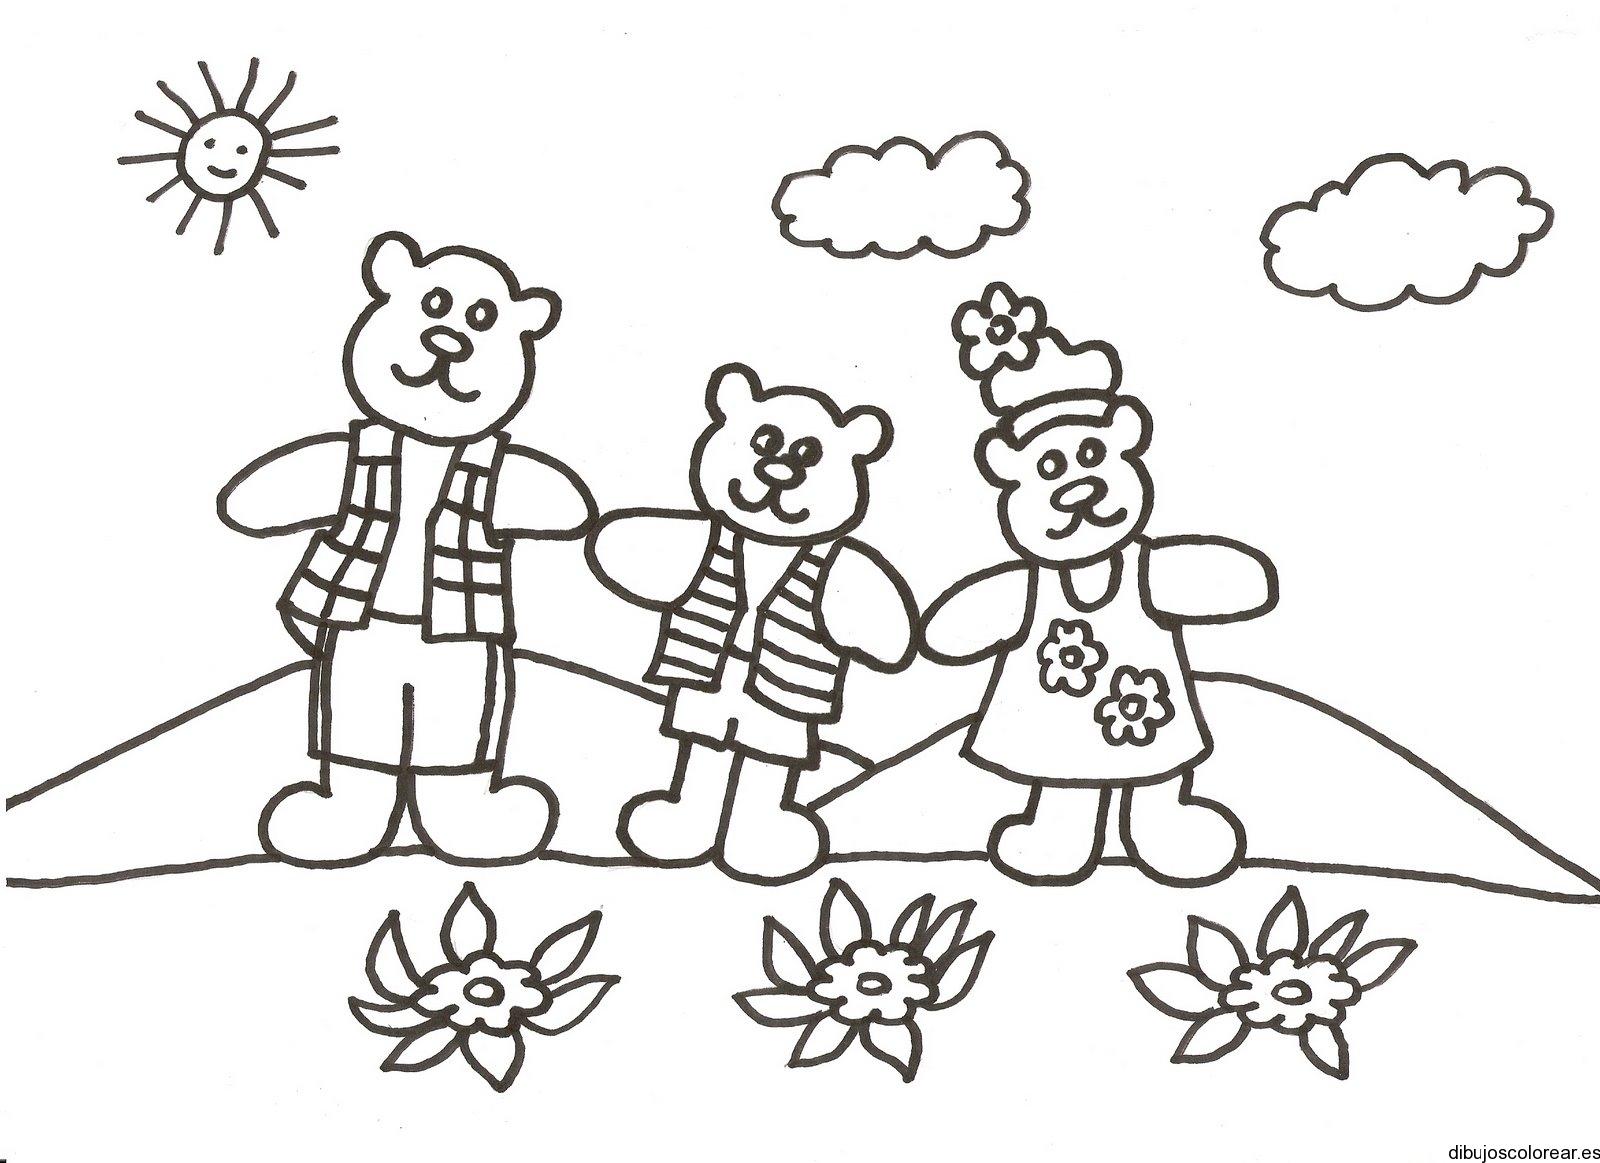 Dibujo de dos osos y una osa